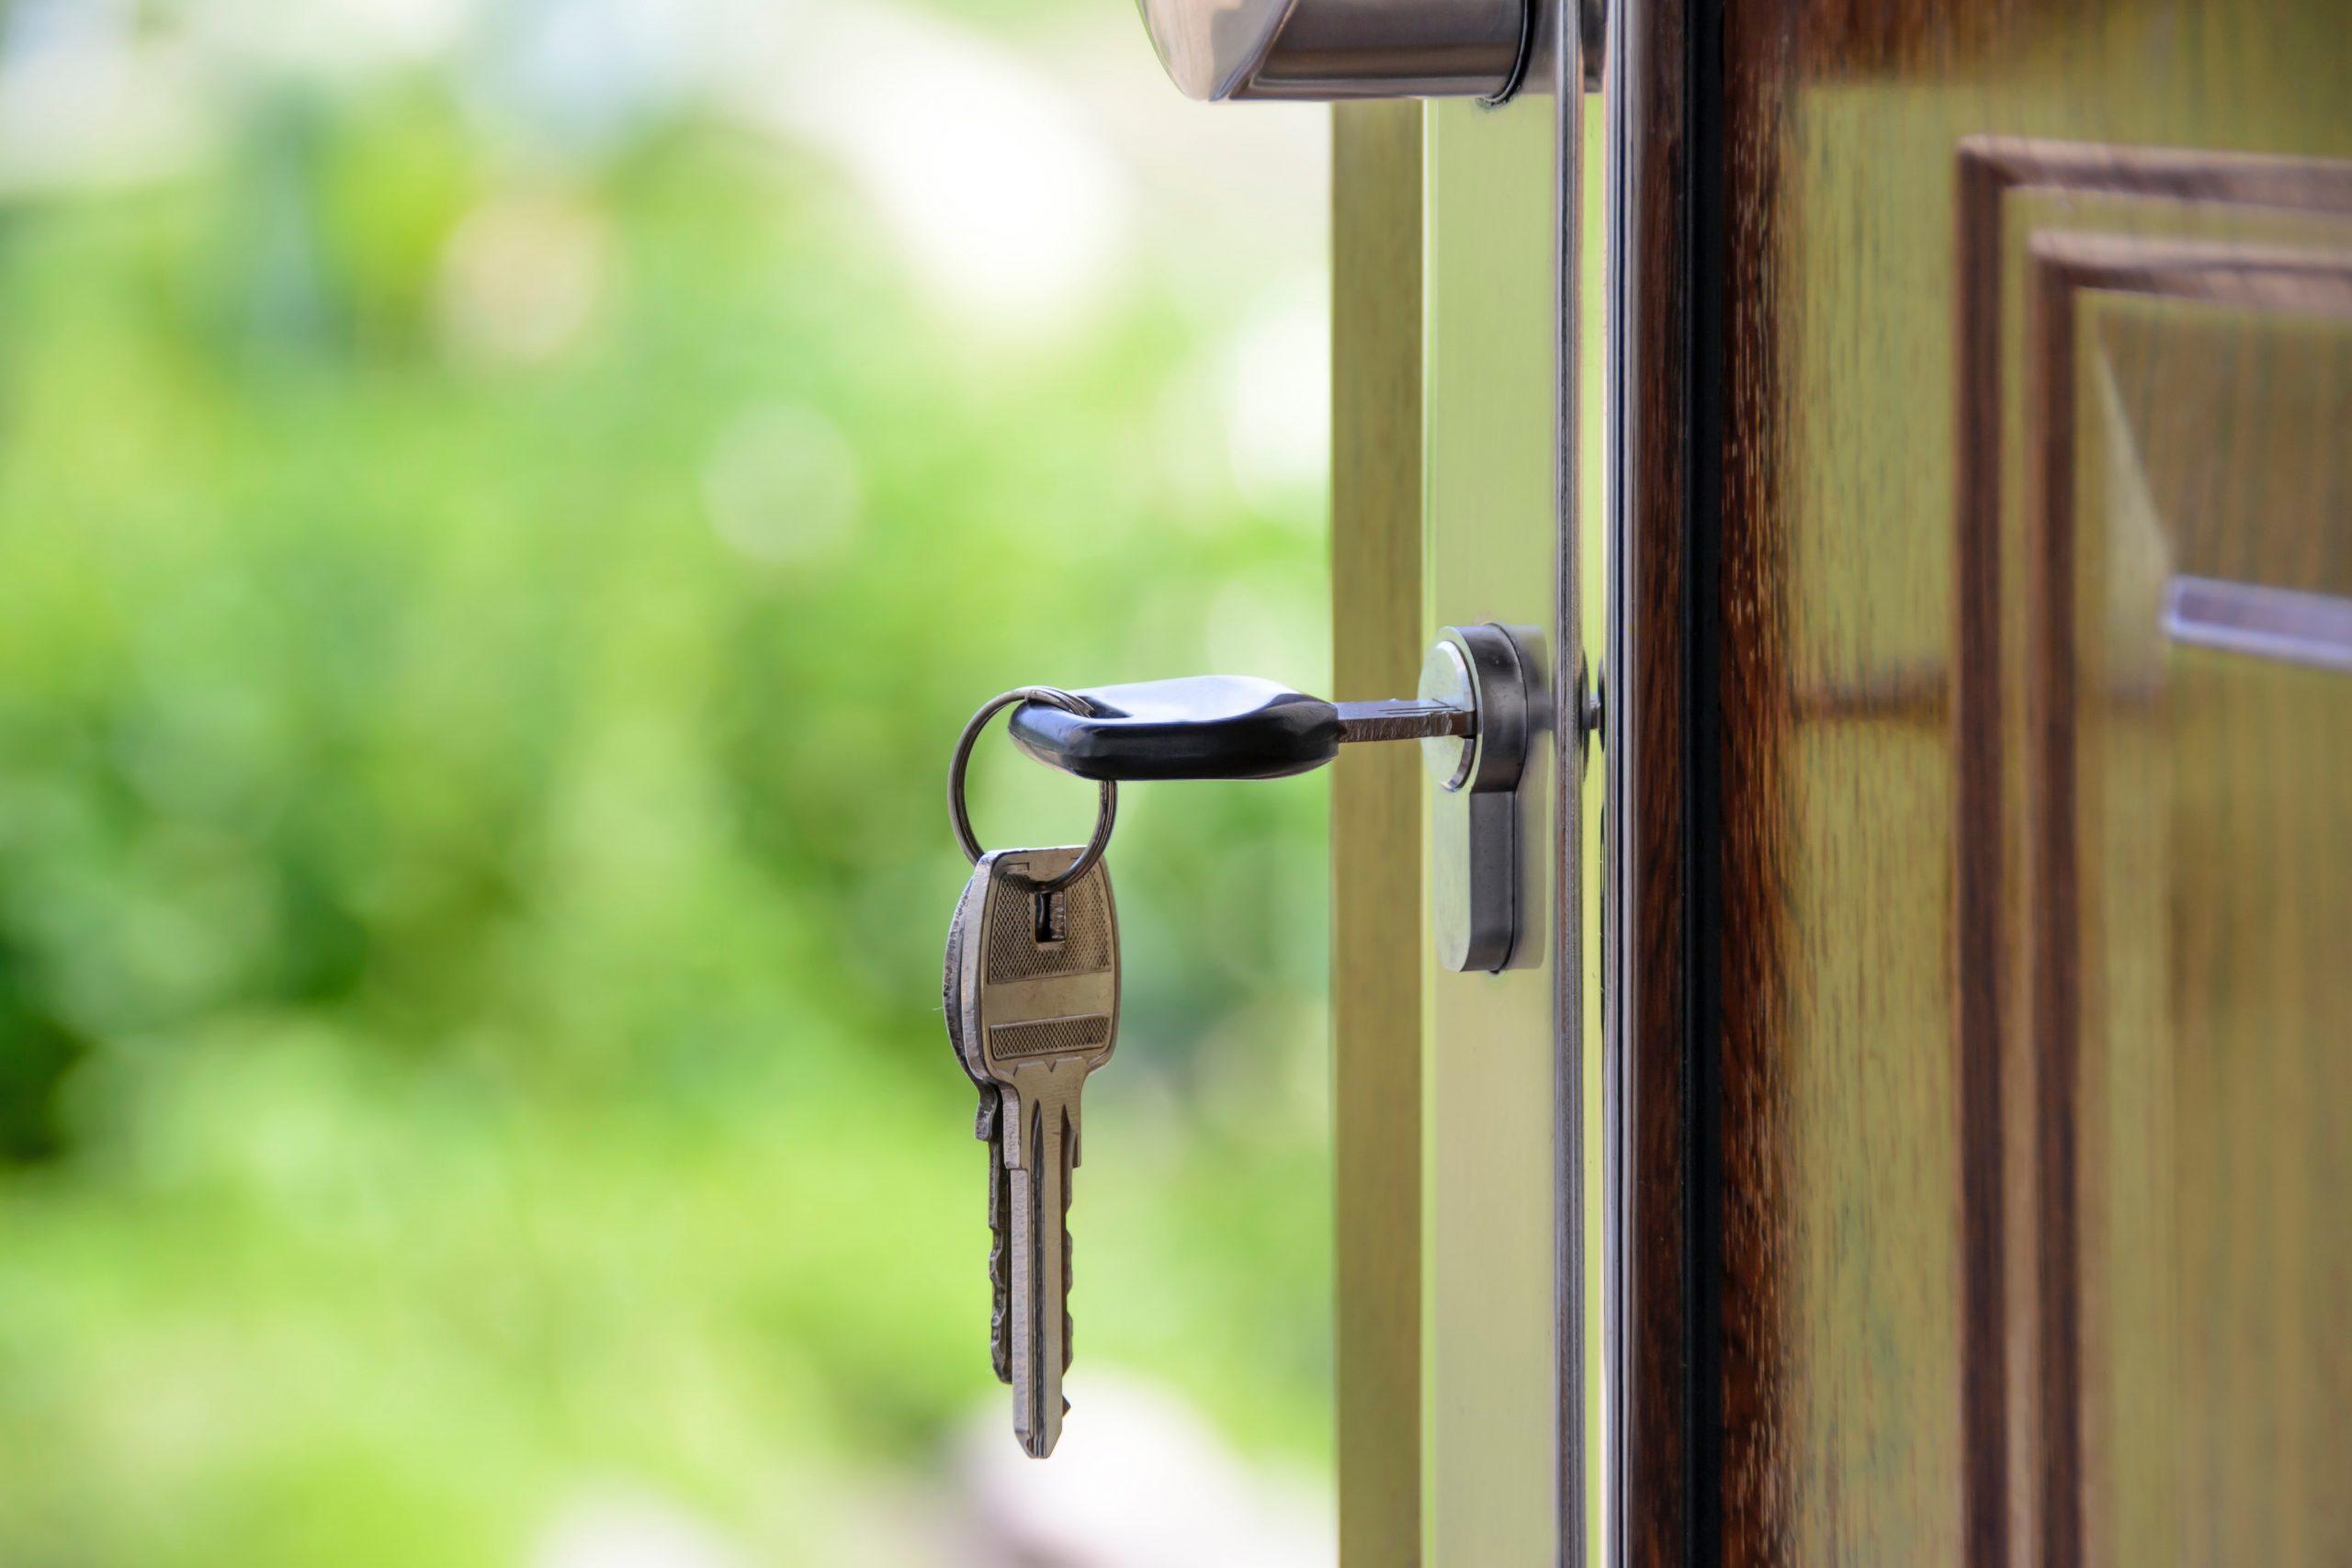 Open door with key hanging from lock